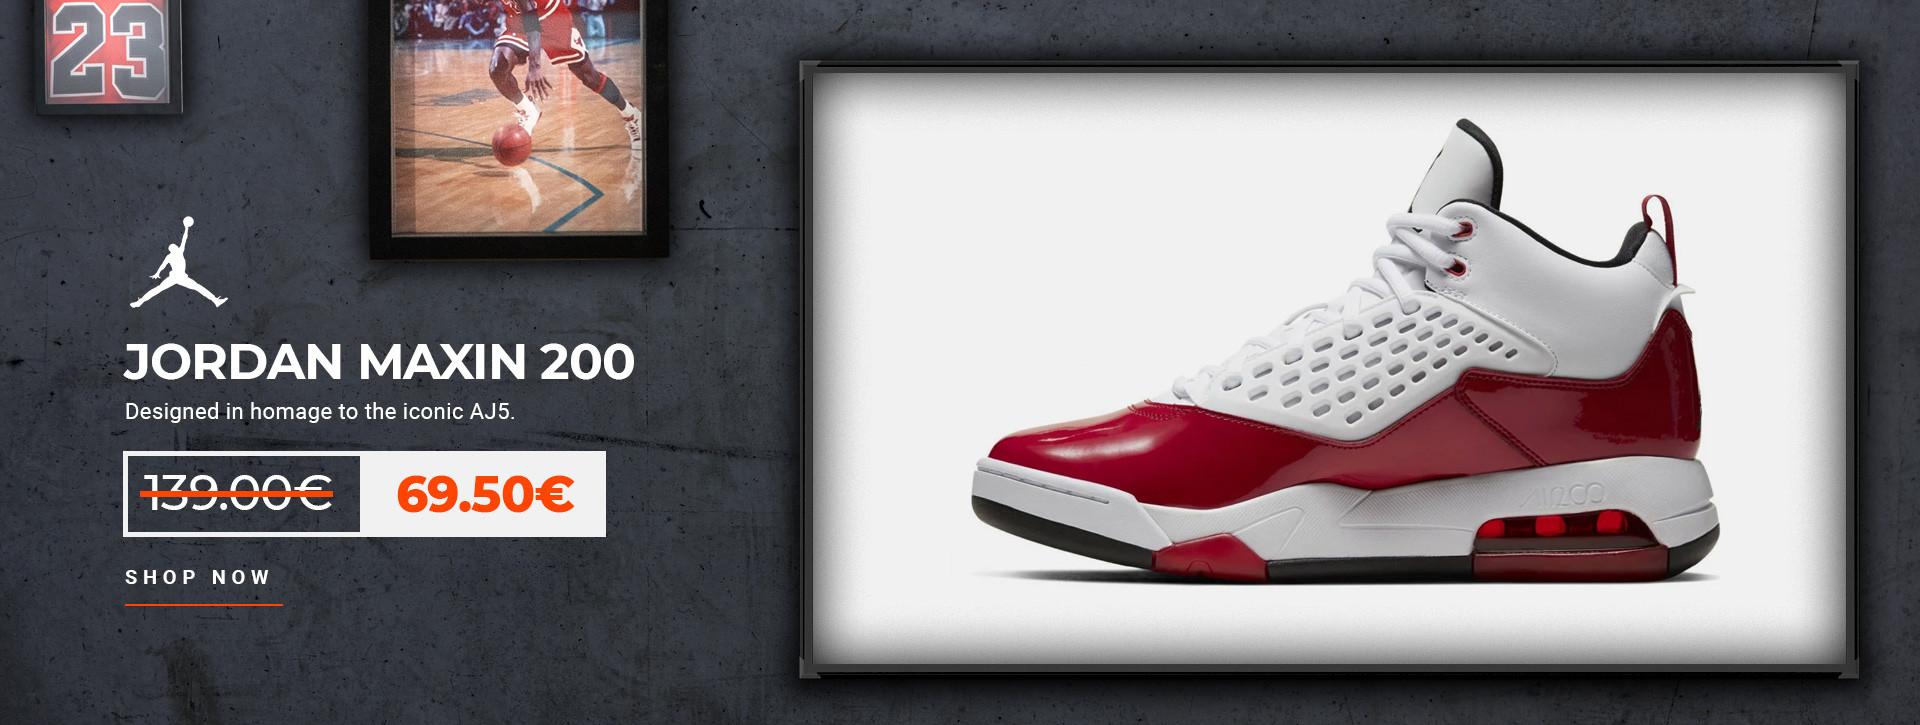 Jordan Maxin 200